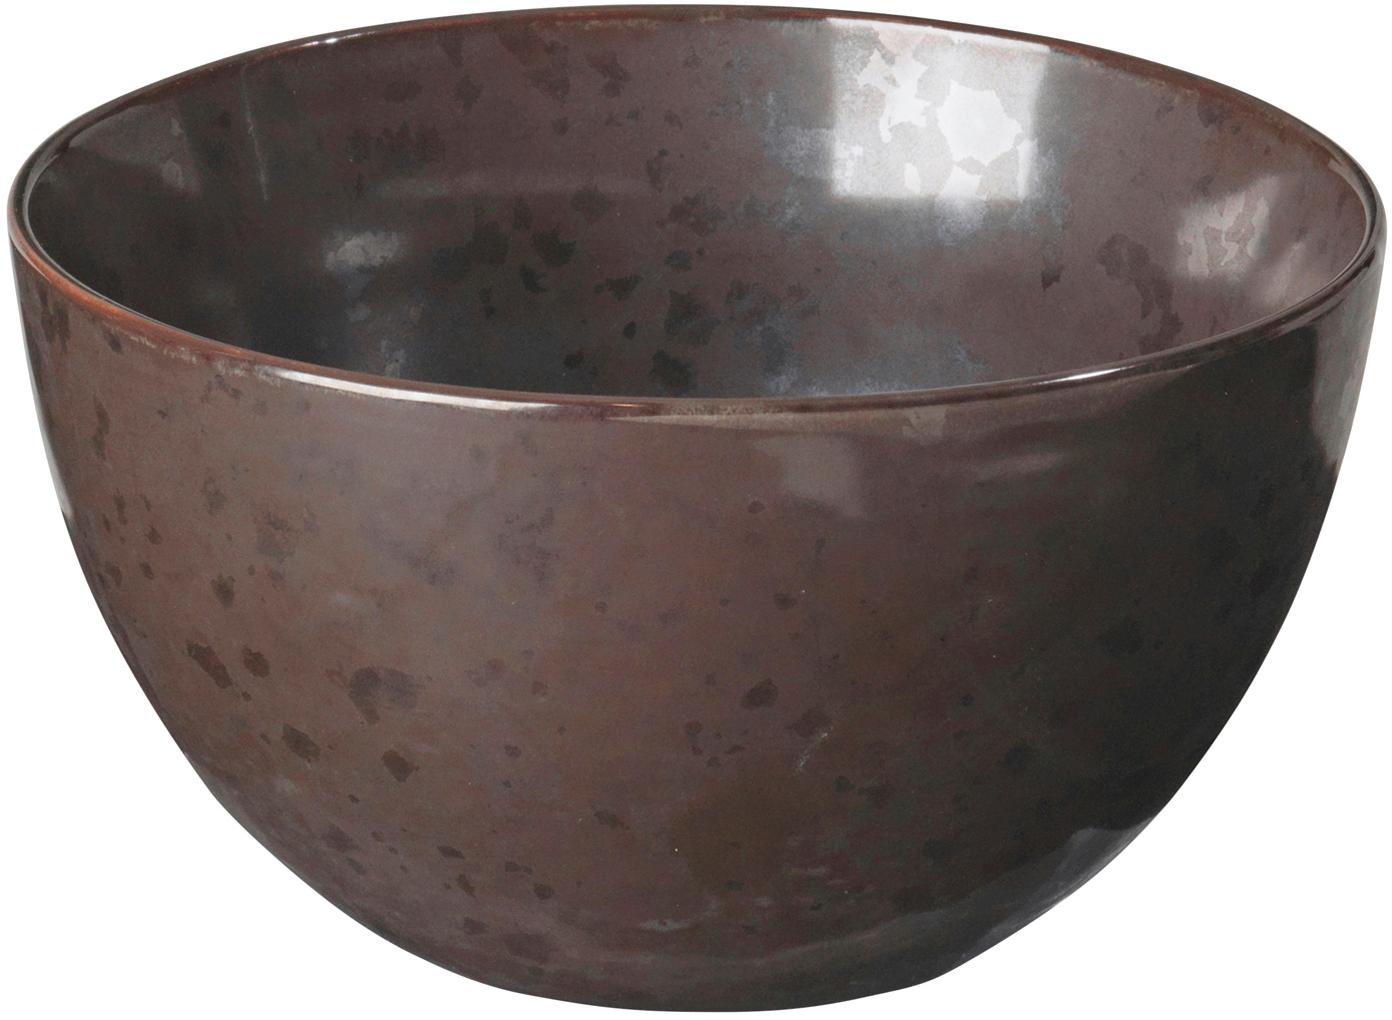 Cuencos artesanales Esrum Night, 4uds., Gres, esmaltado, Marrón grisáceo, Ø 14 x Al 8 cm